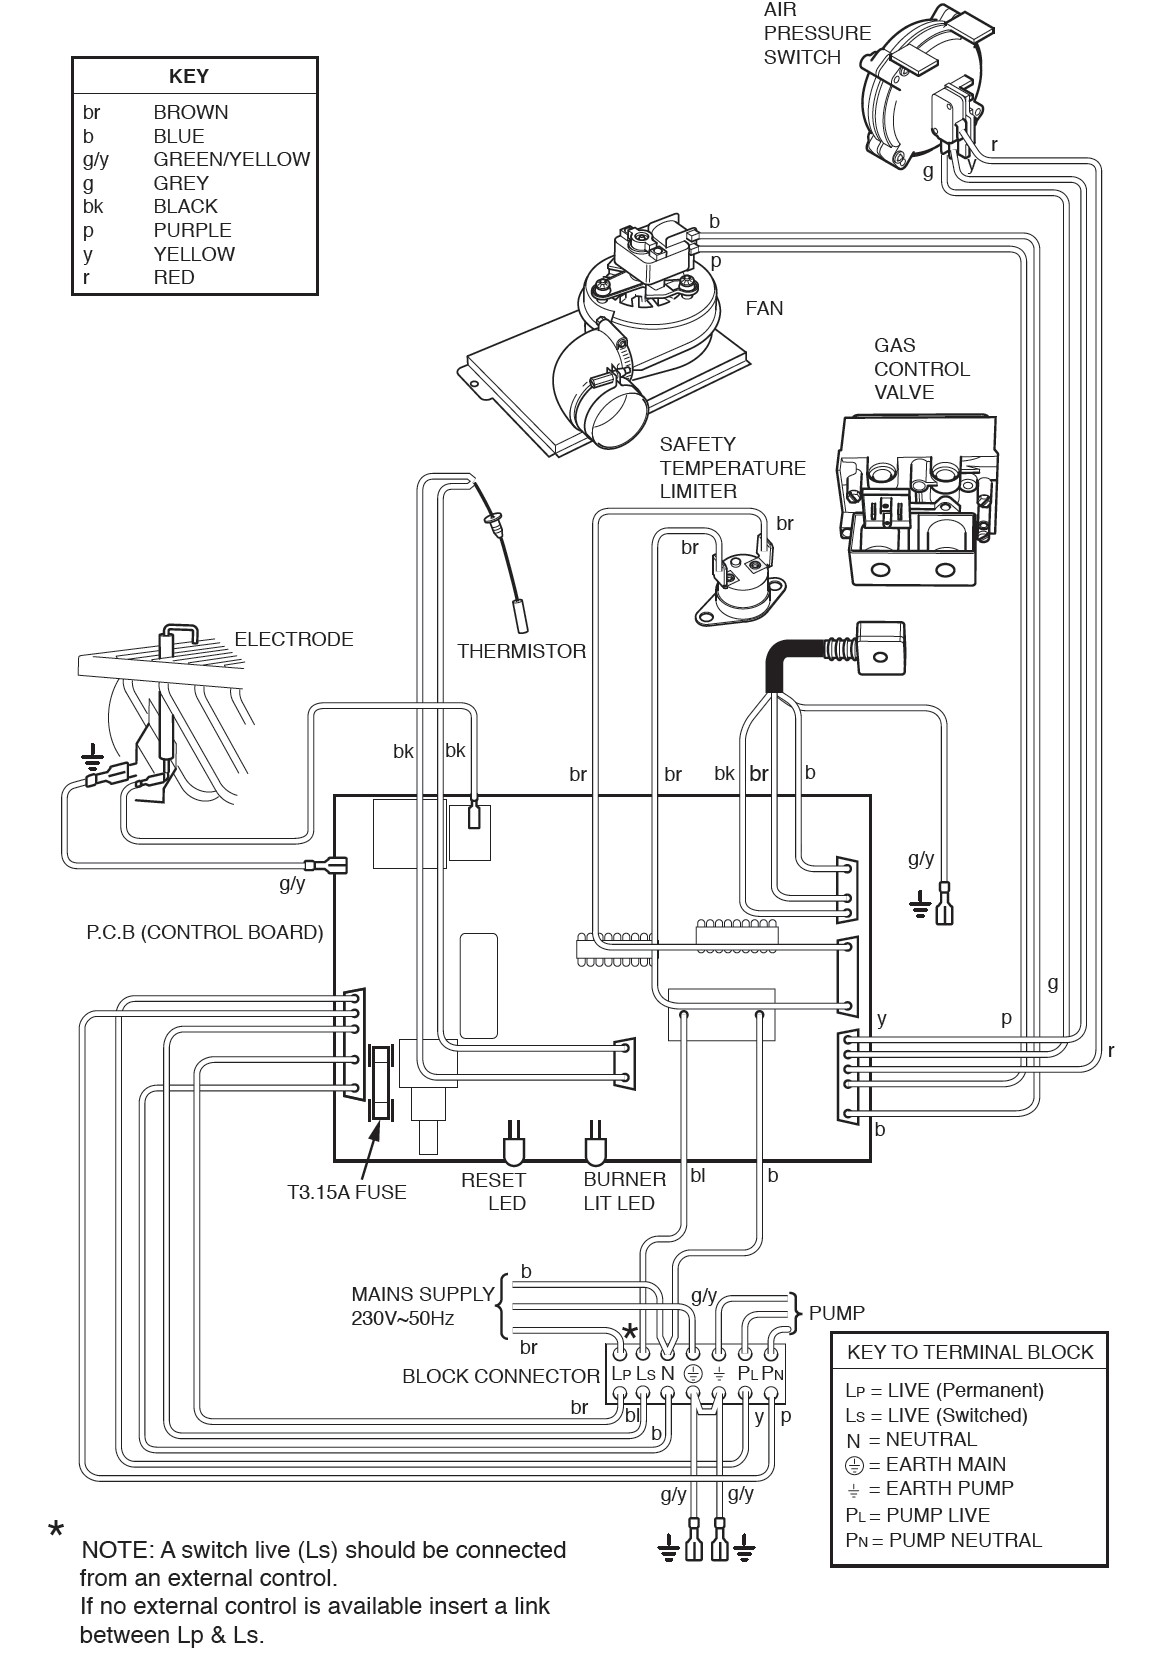 an schematic 3 wire wiring diagram